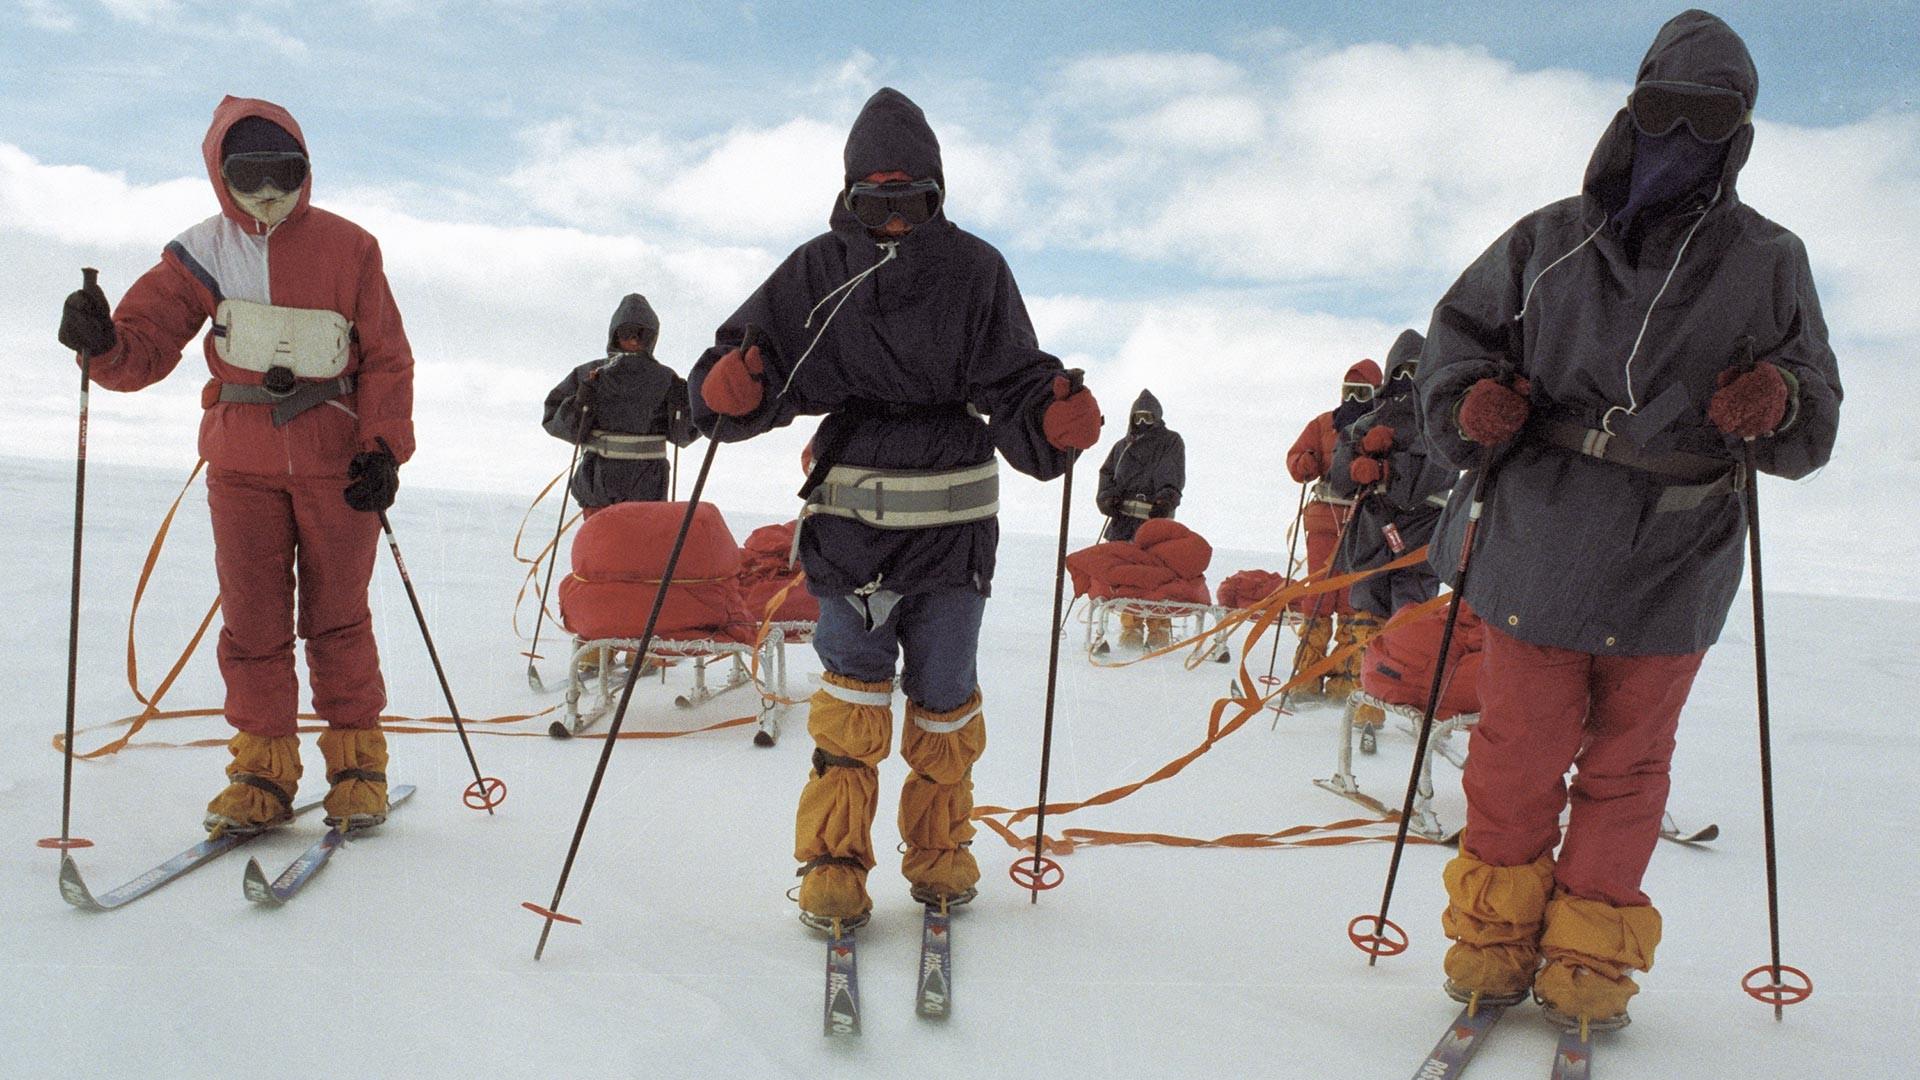 Les participantes à l'expédition antarctique féminine Metelitsa en Antarctique, 14 septembre 1989